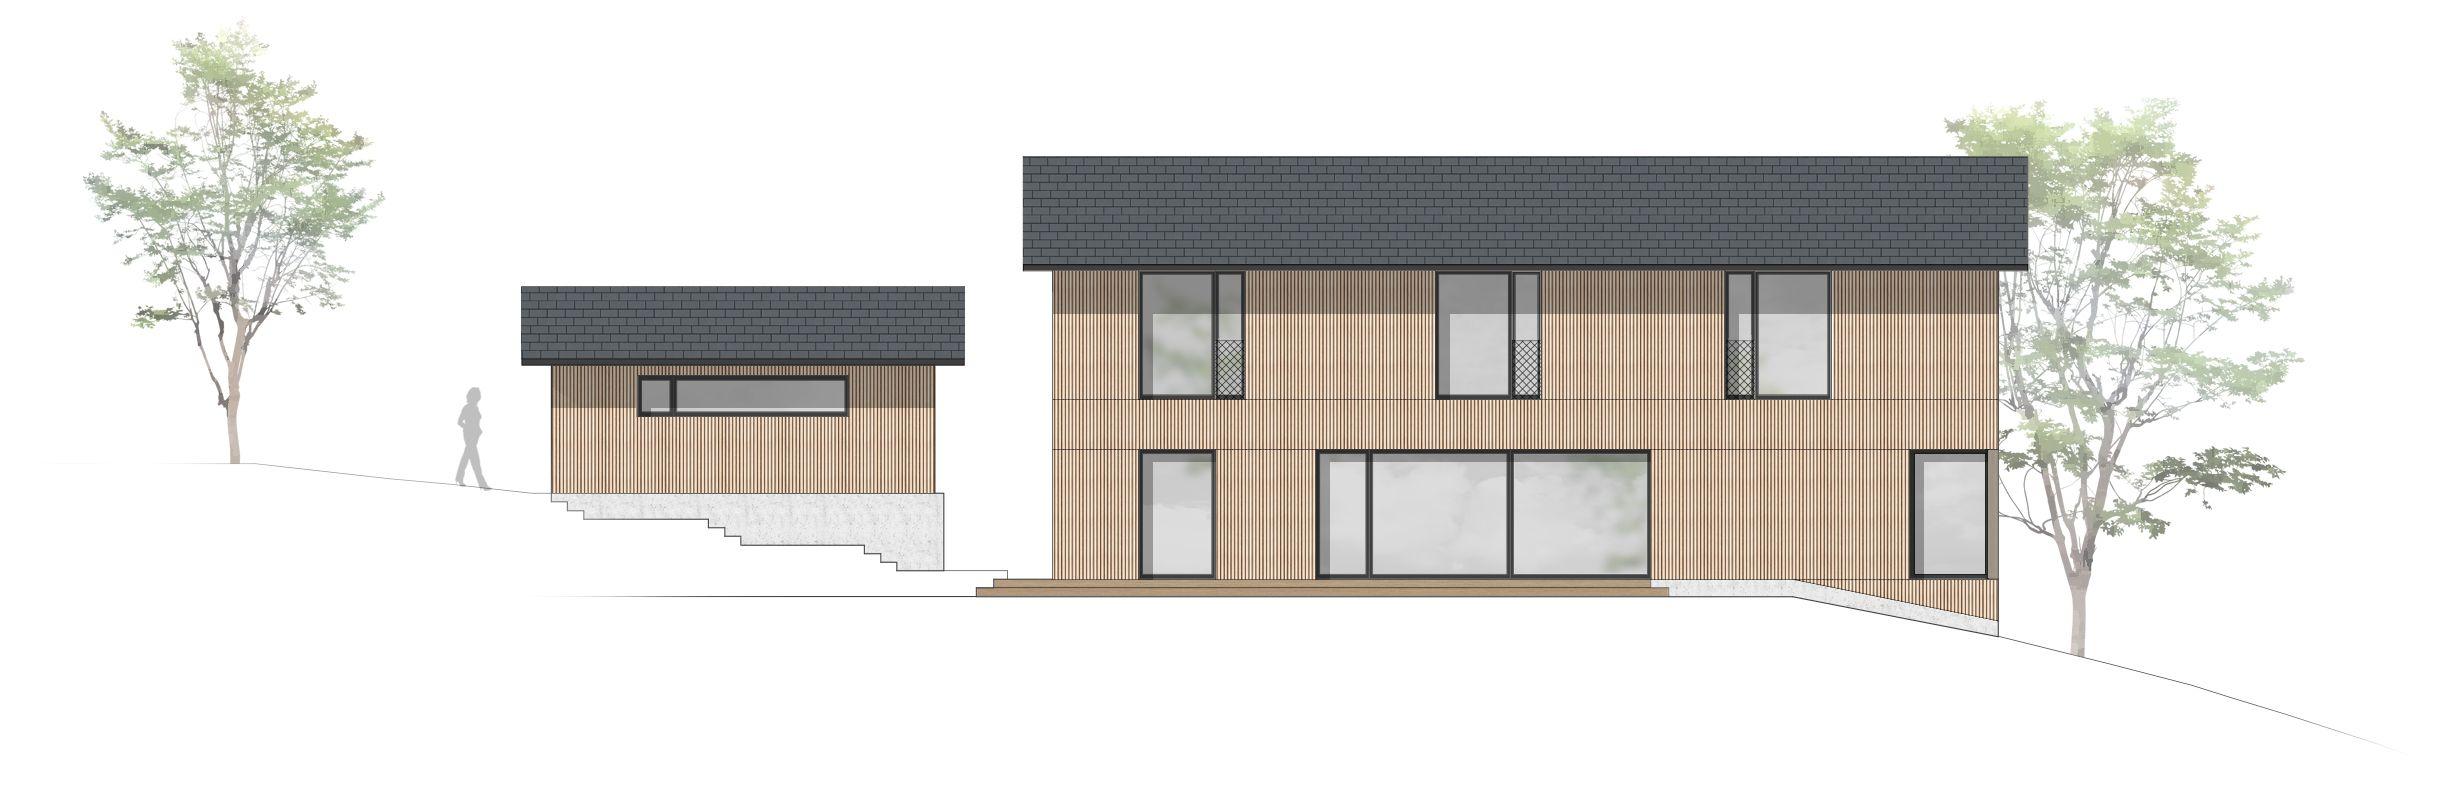 Ansicht Süd, Einfamilienhaus, Holzbau, Fassade, Eckfenster